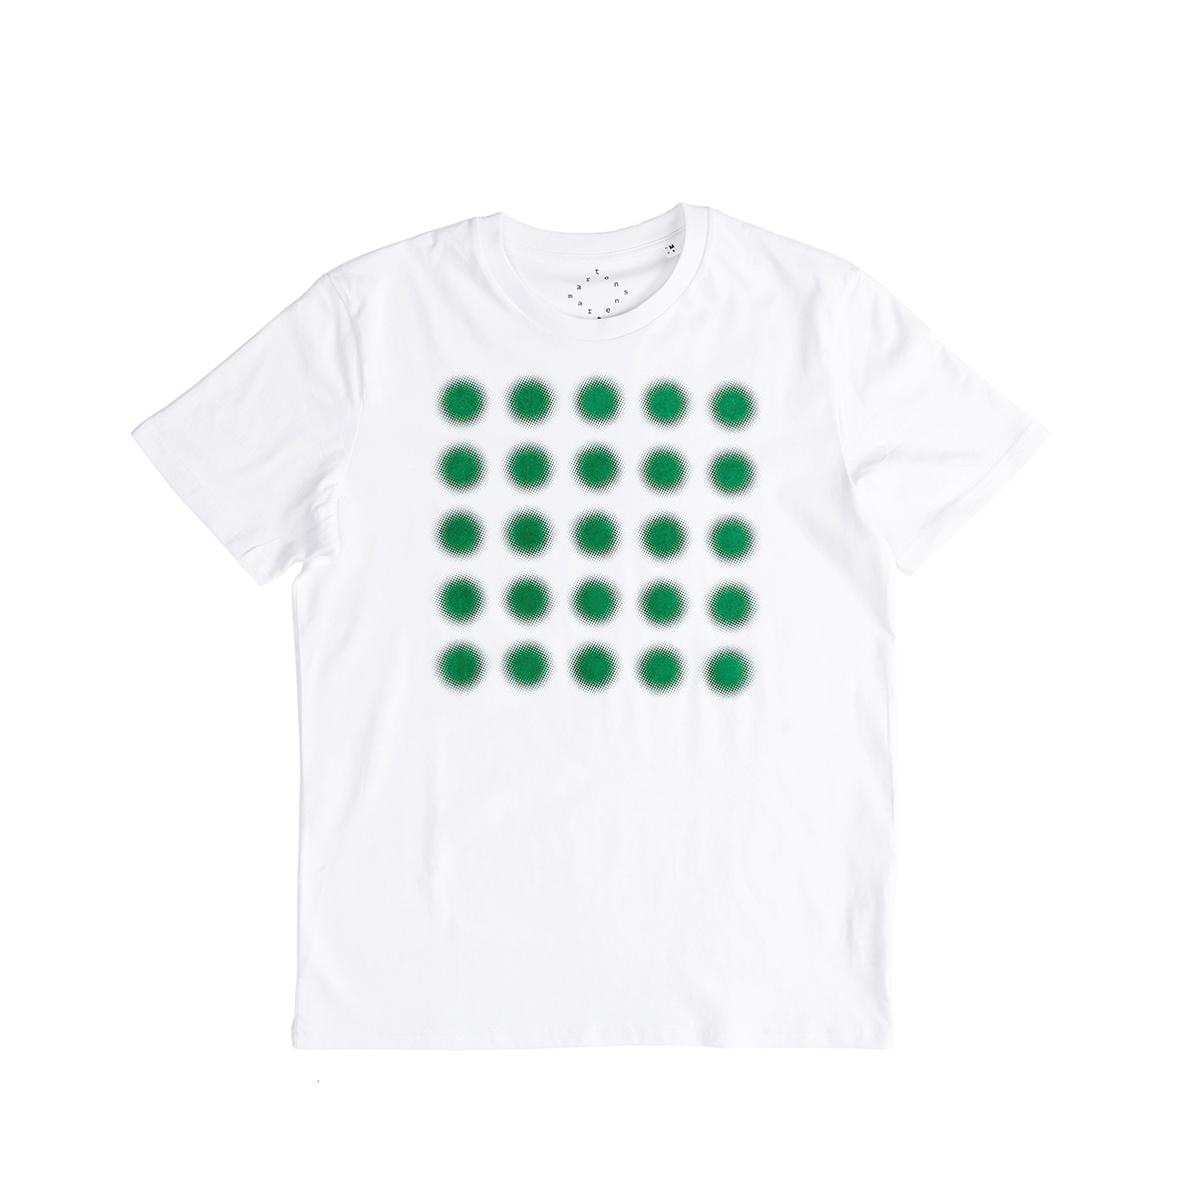 플랫폼엘 martens and martens t-shirt with printed dots (green, L)